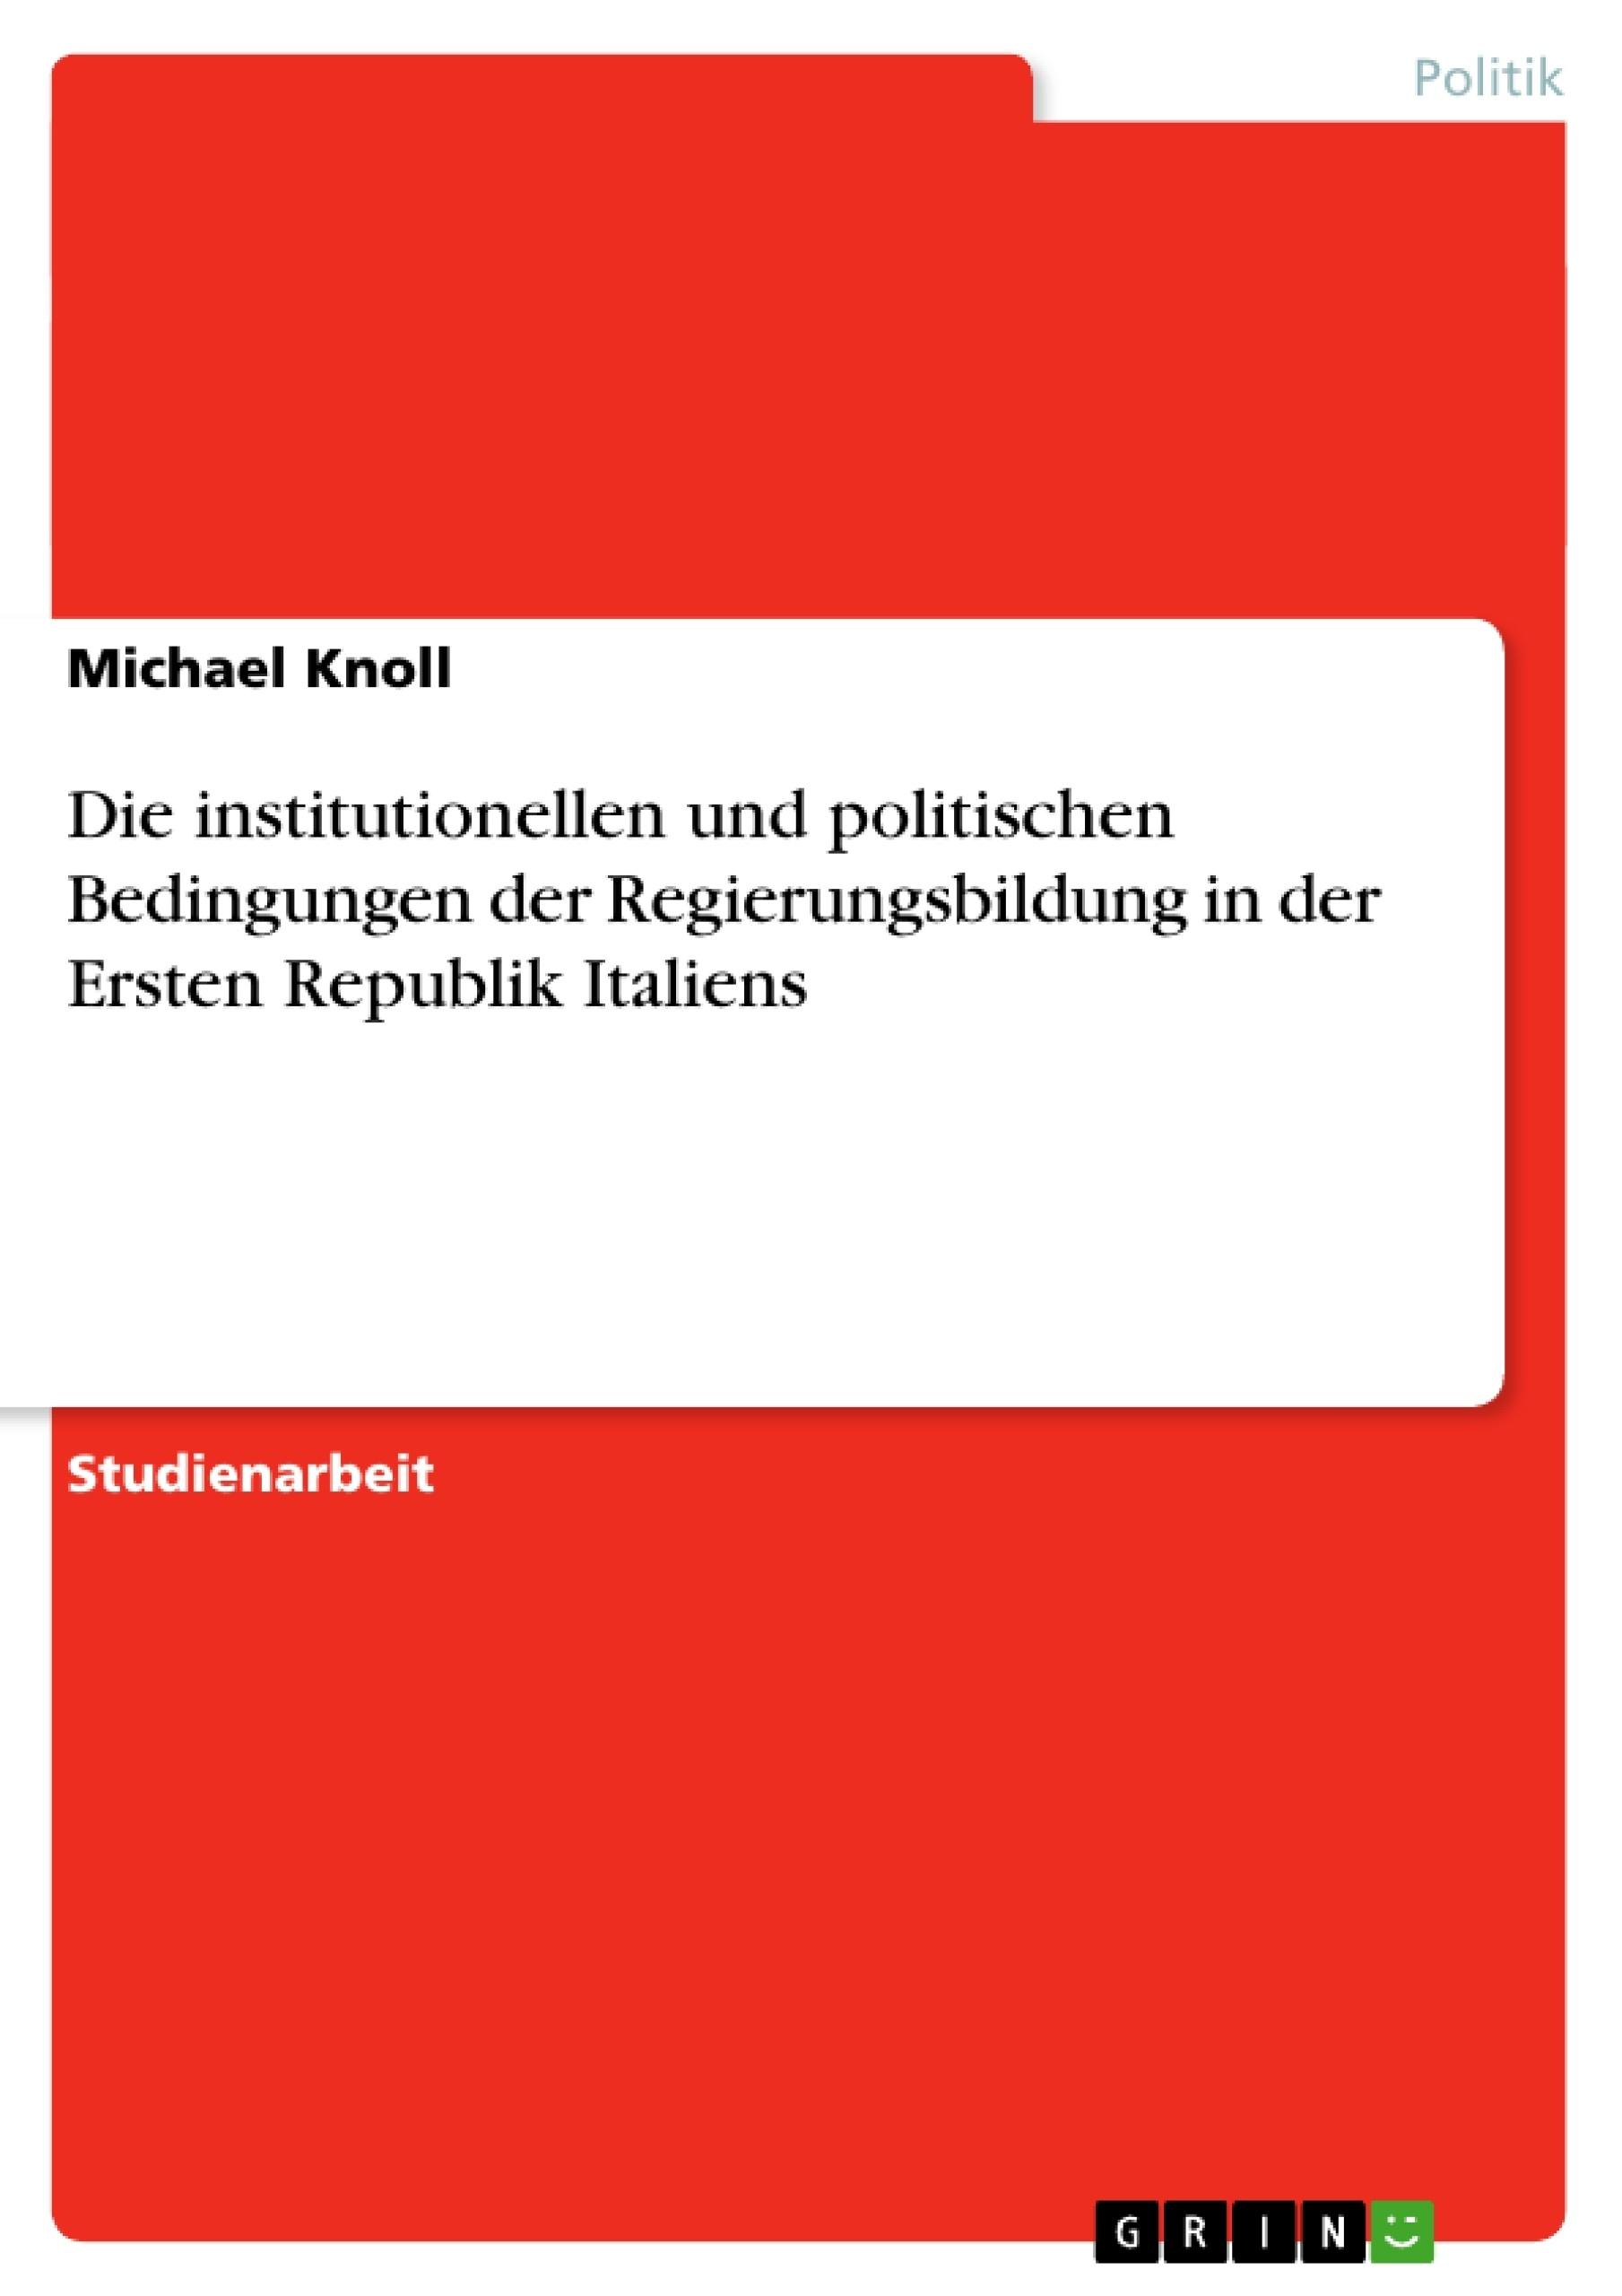 Titel: Die institutionellen und politischen Bedingungen der Regierungsbildung in der Ersten Republik Italiens